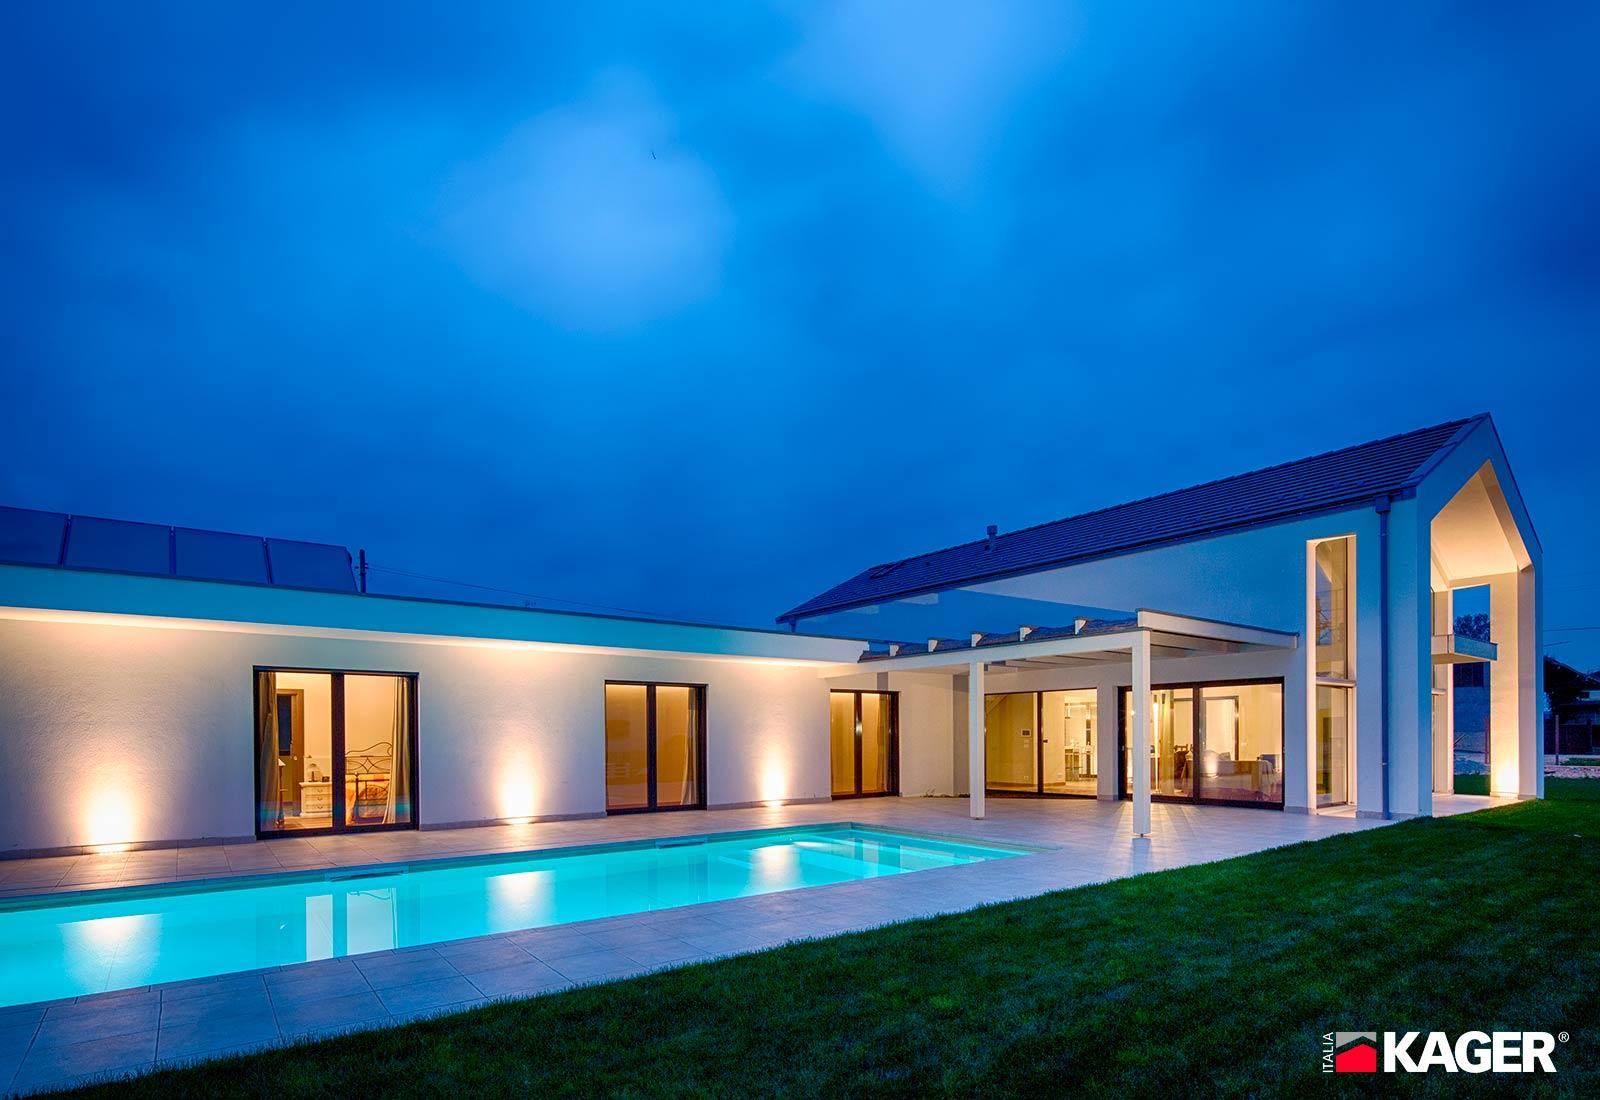 Casa-in-legno-Cureggio-Kager-Italia-13